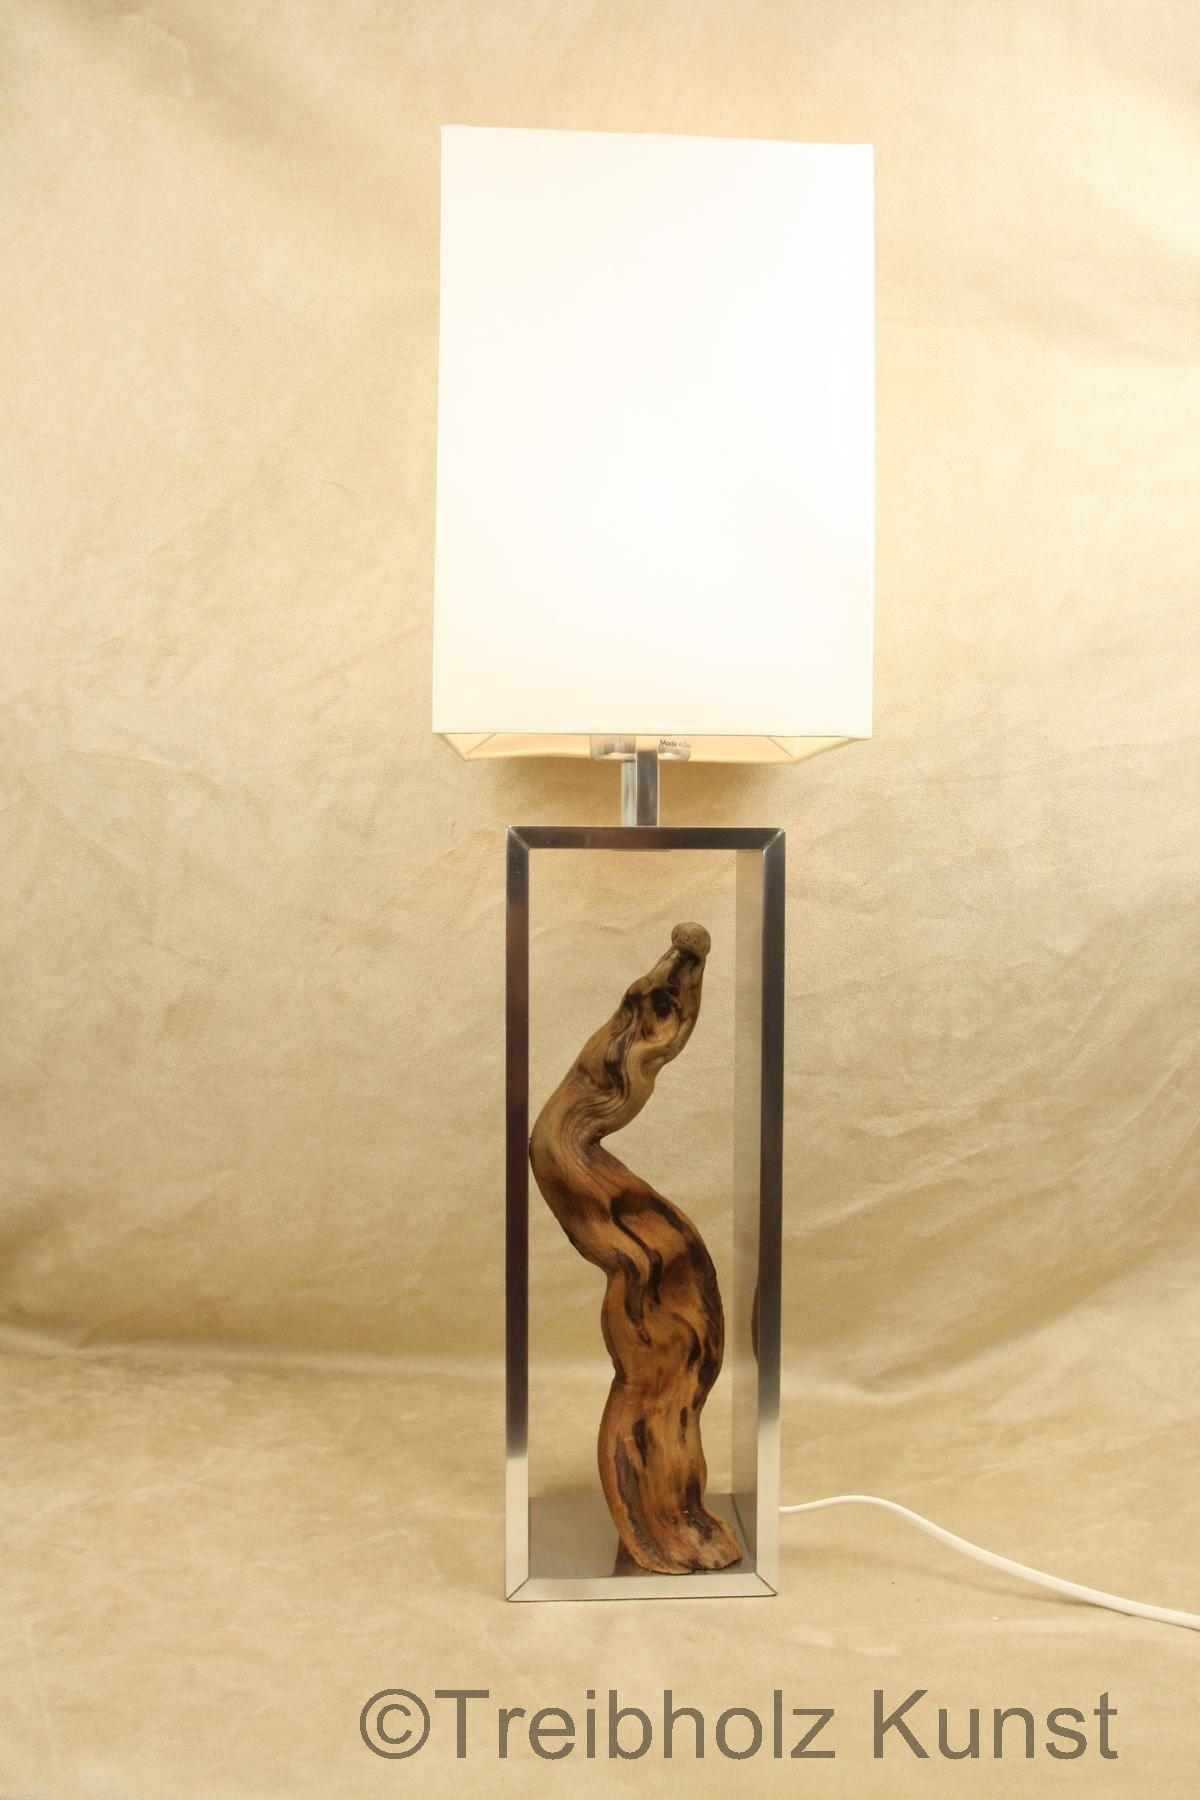 Einmalige Treibholz Lampen Www Treibholz Bodensee De